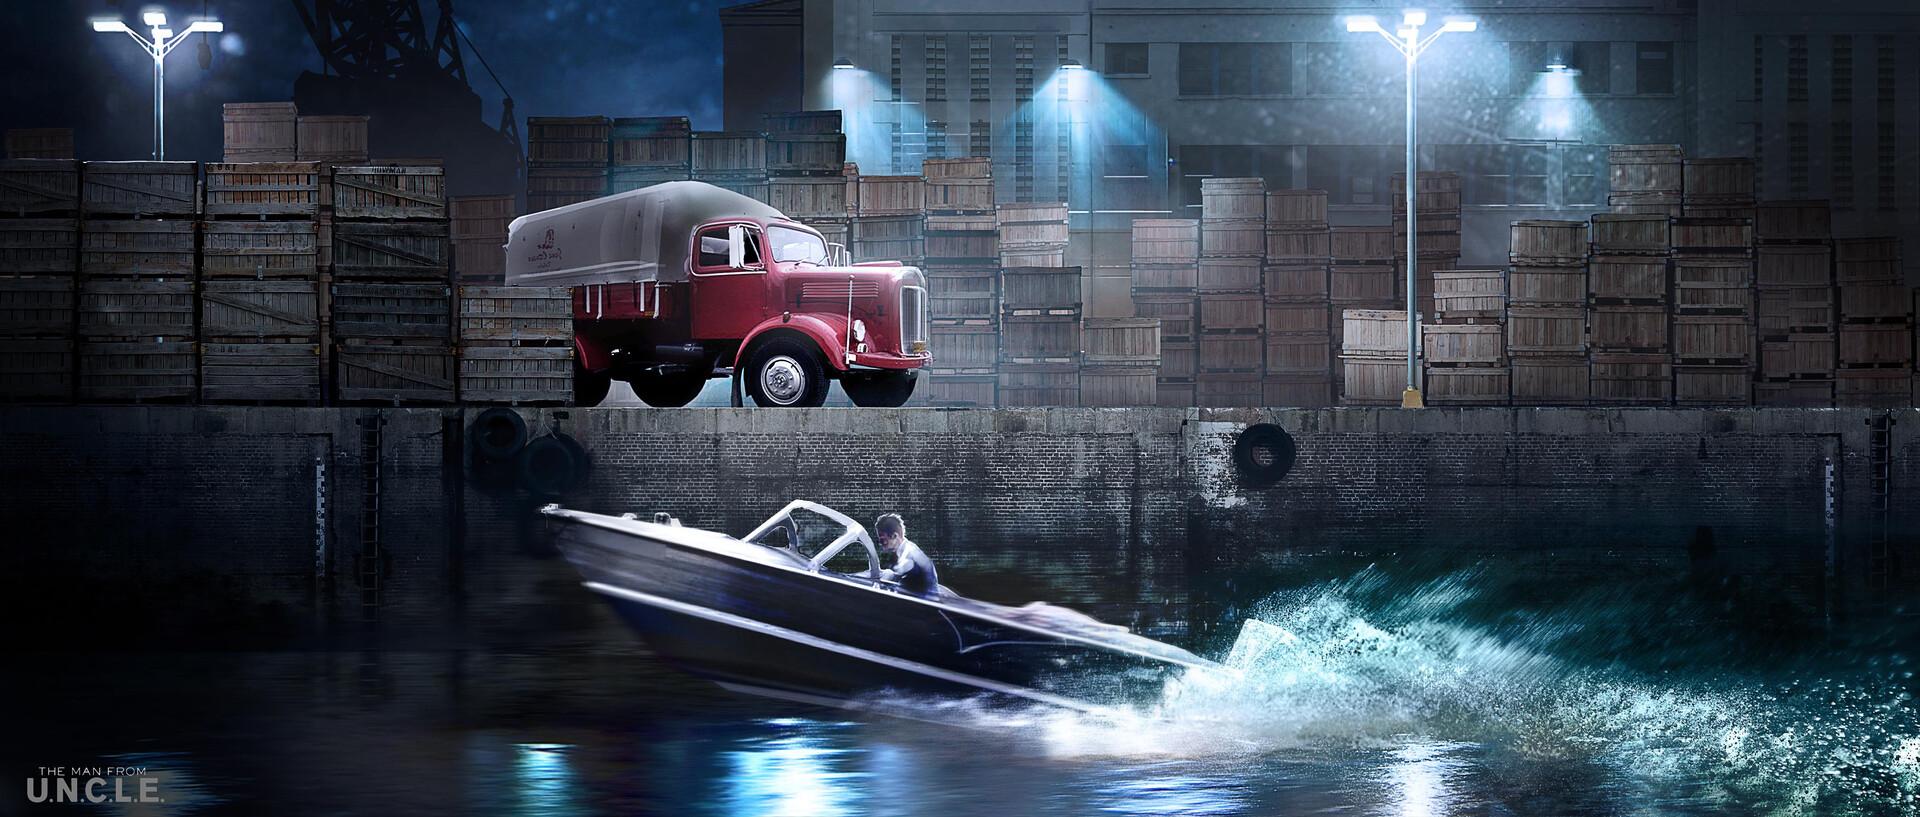 Kieran belshaw vinciguerra docks pier v003 web